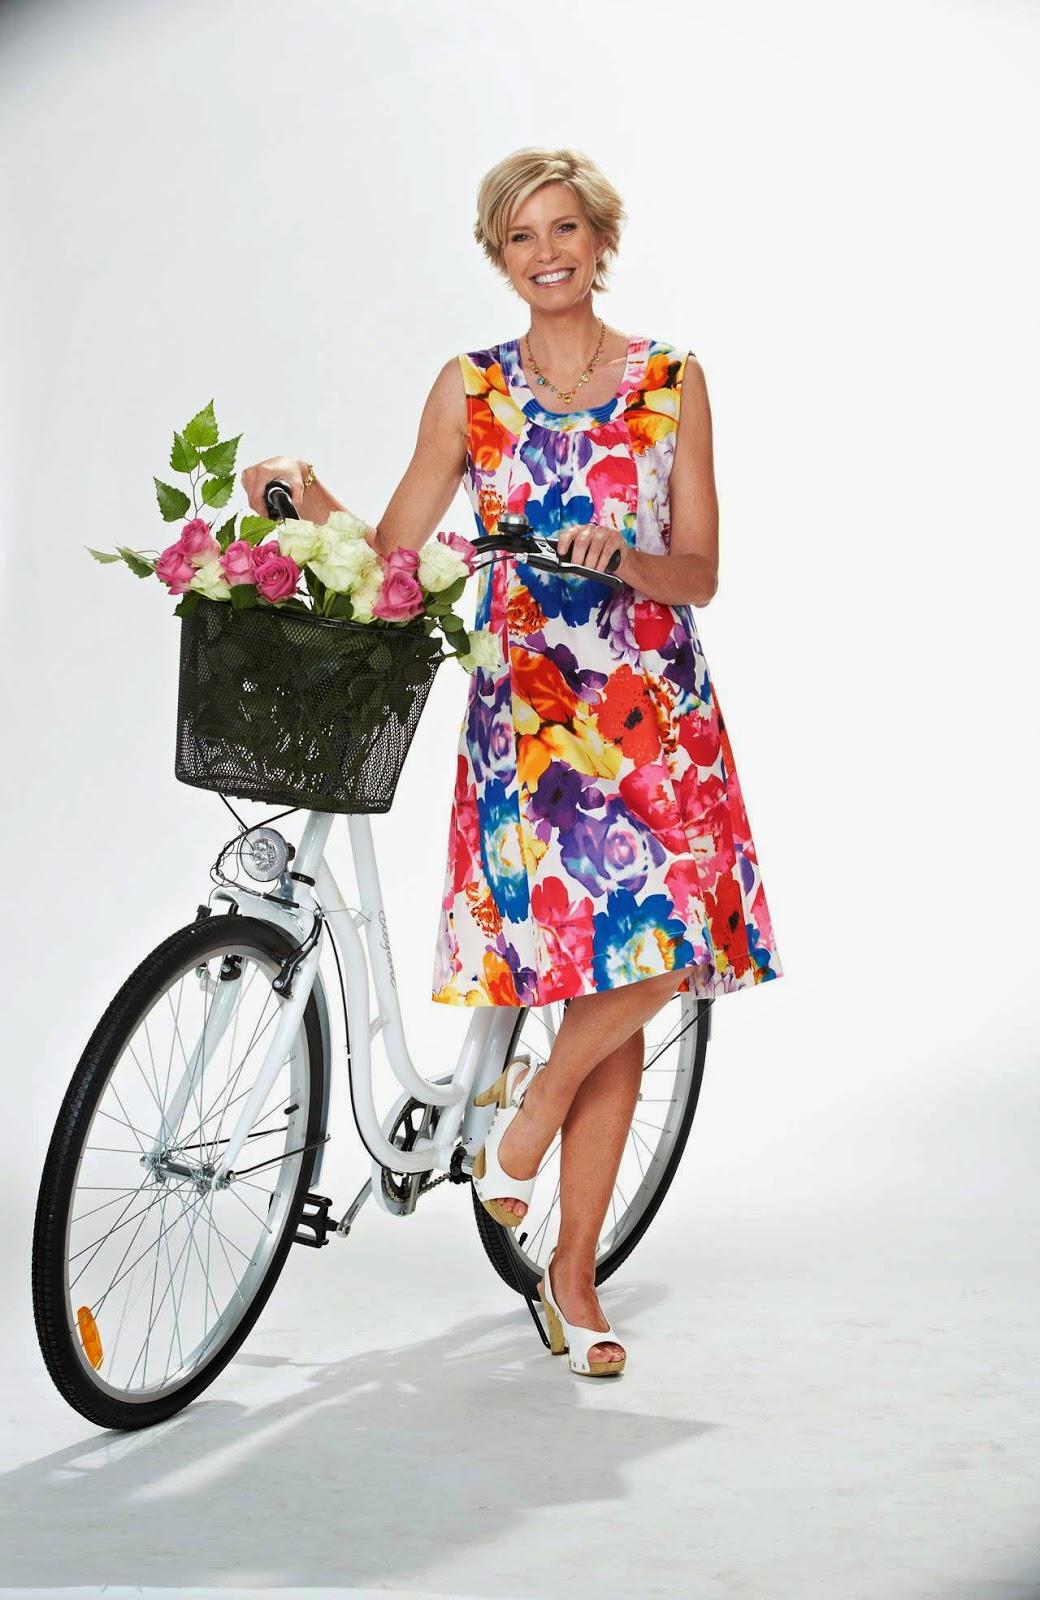 79d03015630 Tellisin rõõmsavärvilise , suvise , kerge, õhulise kleidi ja peale esimest  pesukorda - kuigi pesin täpselt nii nagu oli pakendil ettekirjutatud .. aga  kalts ...